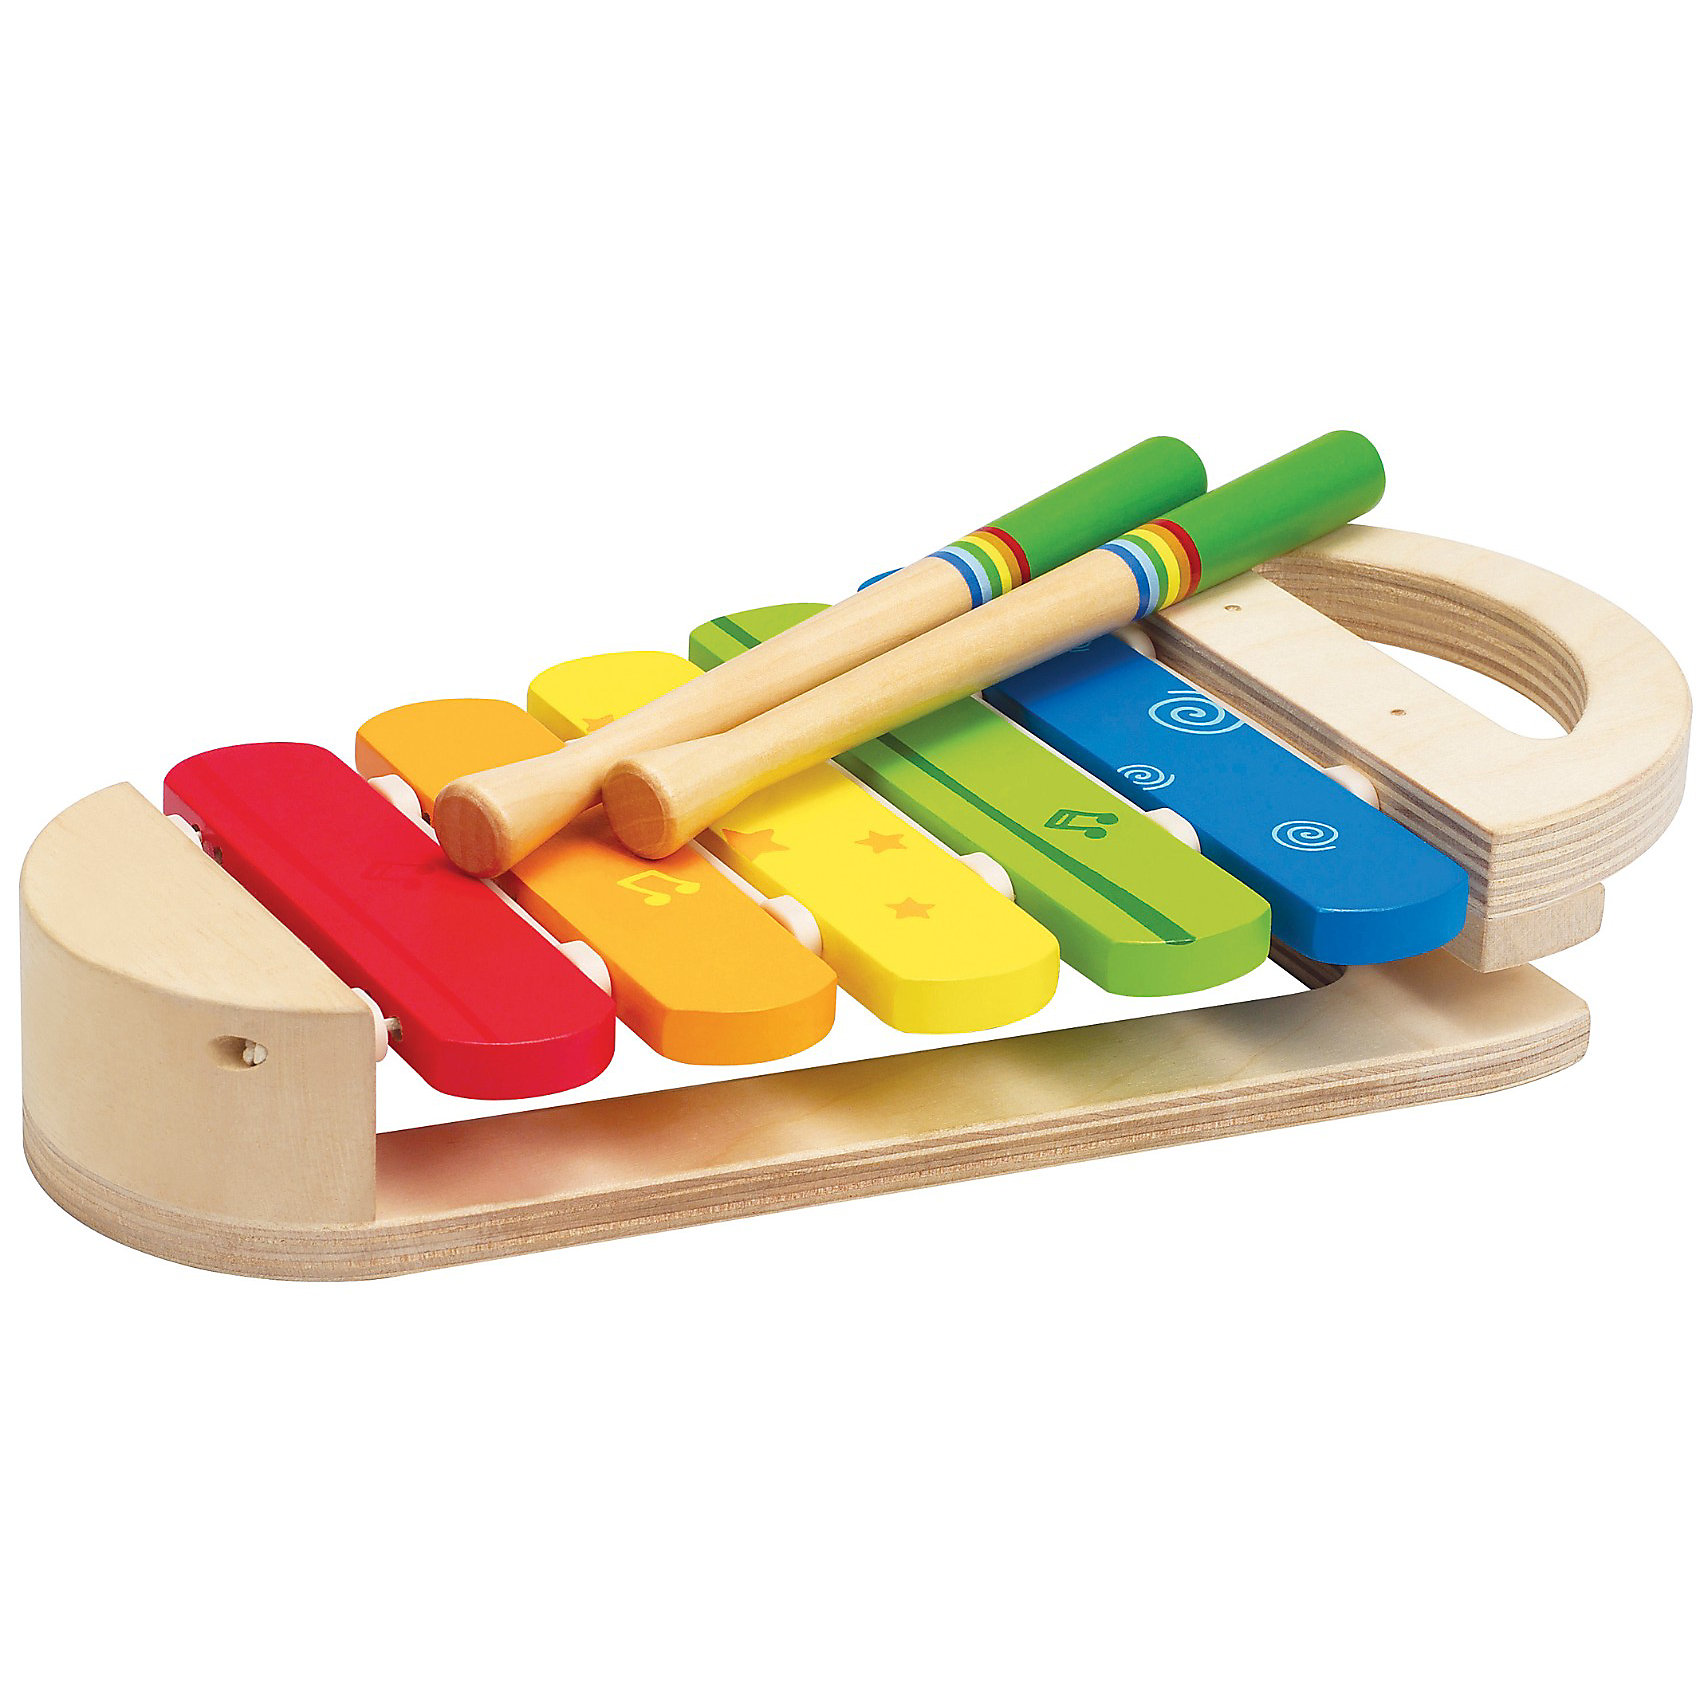 Ксилофон Радуга, HapeДеревянные музыкальные игрушки<br>Яркий ксилофон Радуга поможет развить Вашему ребенку музыкальный слух и чувство ритма. Стуча палочками, малыш будет развивать координацию движений и звуковое восприятие, а также крупную моторику. Ксилофон имеет компактный размер и удобную ручку, с помощью которой его удобно брать с собой.<br><br>Дополнительная информация:<br><br>- Возраст: от 1 до 4 лет<br>- Материал: пластик, дерево<br>- Размеры: 24х14х4 см<br>- Вес: 0.6 кг<br><br>Ксилофон Радуга, Hape можно купить в нашем интернет-магазине.<br><br>Ширина мм: 283<br>Глубина мм: 192<br>Высота мм: 93<br>Вес г: 554<br>Возраст от месяцев: 12<br>Возраст до месяцев: 36<br>Пол: Унисекс<br>Возраст: Детский<br>SKU: 2416652